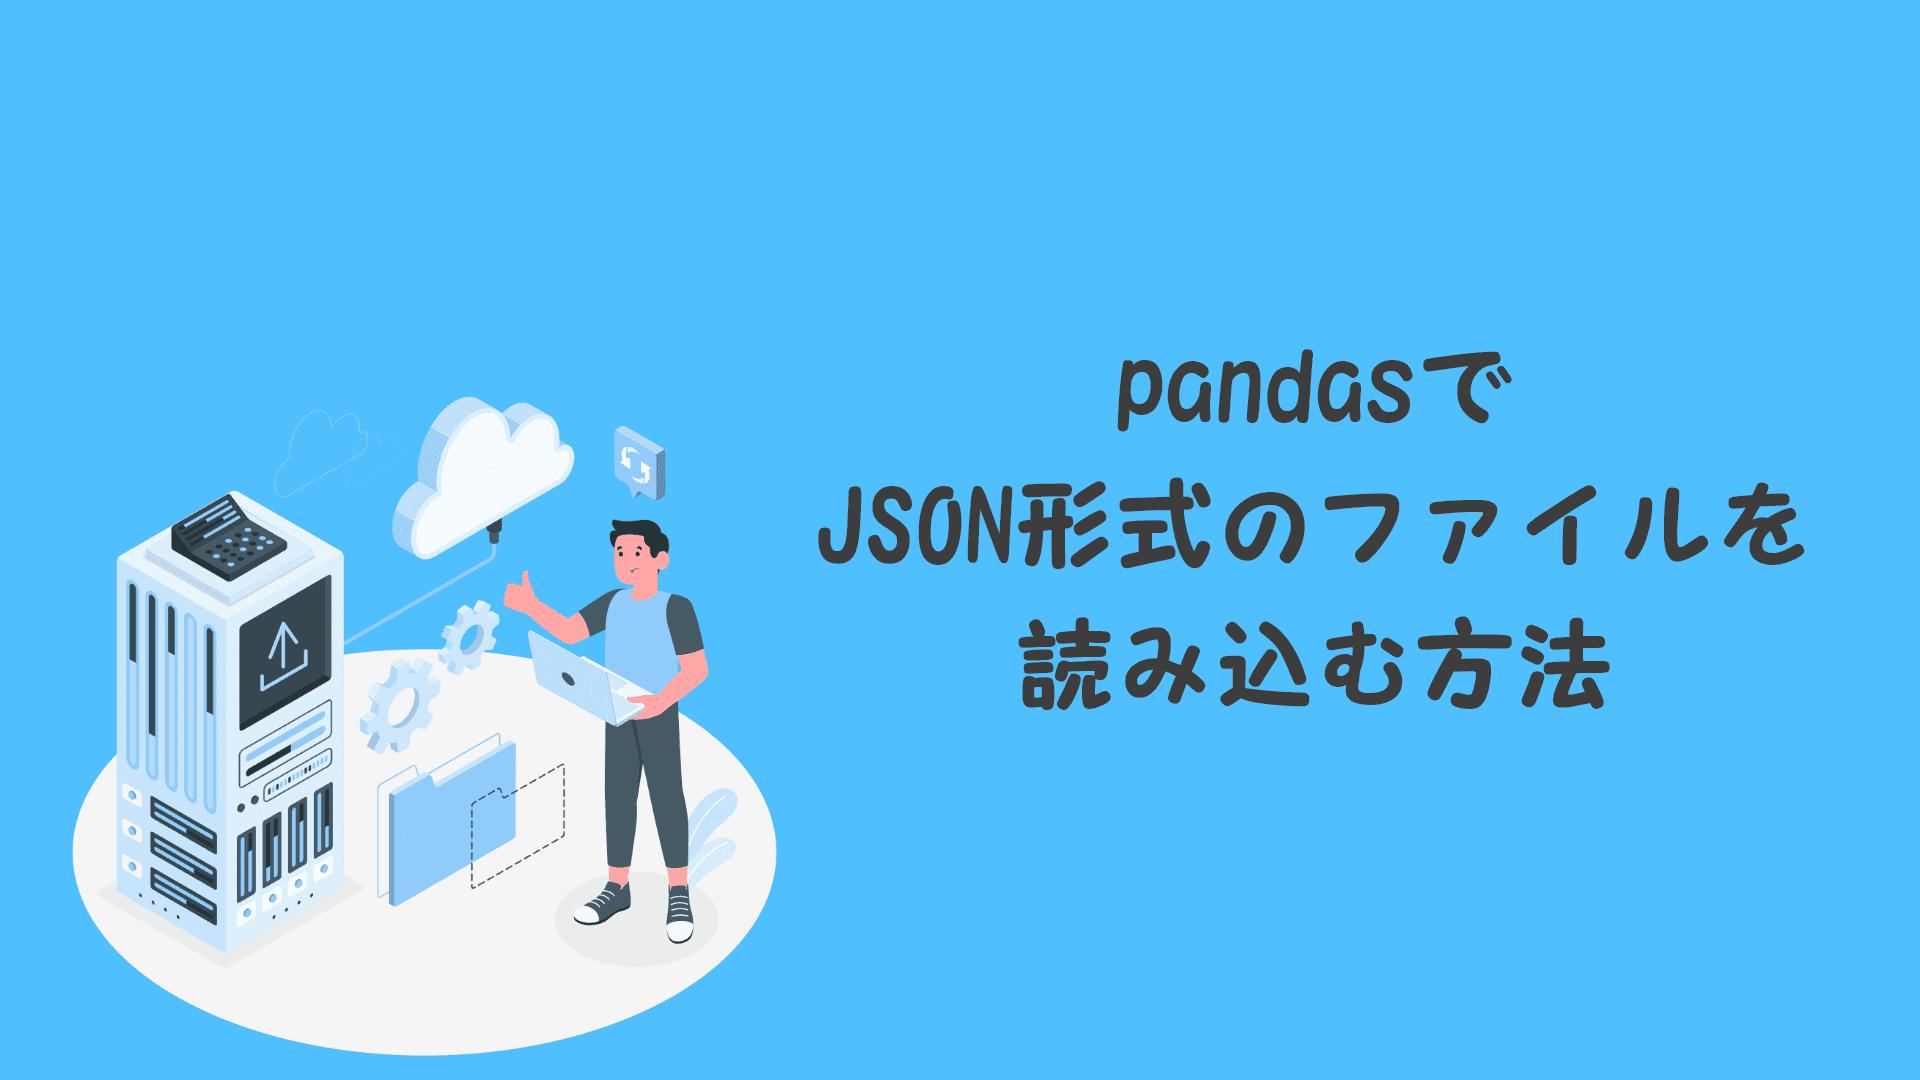 pandasでJSON形式のファイルを読み込む方法【誰でもできます】